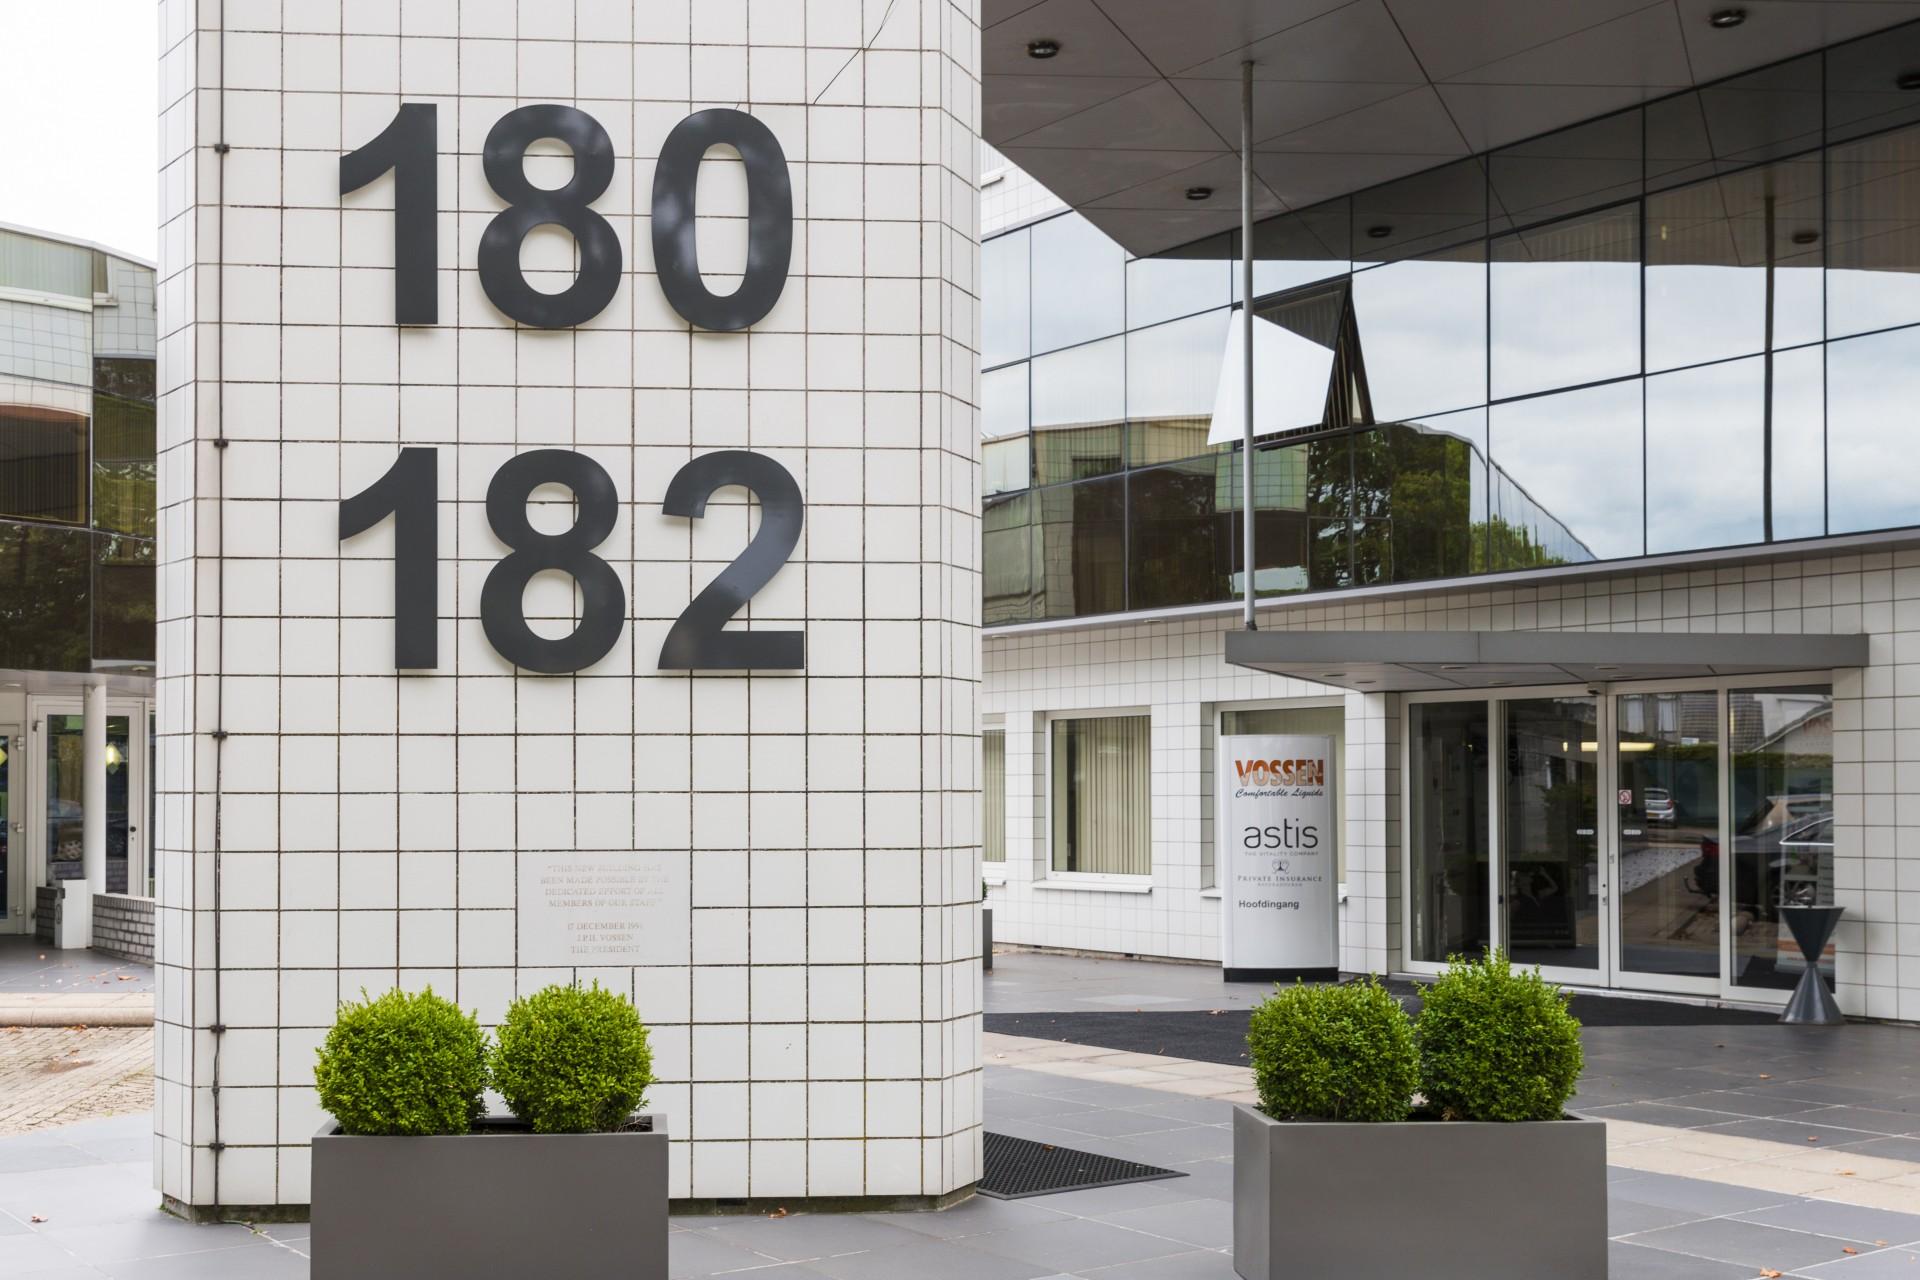 Huisnummers uitgevoerd in Freesletters - Vossen Laboratories Group B.V., Weert